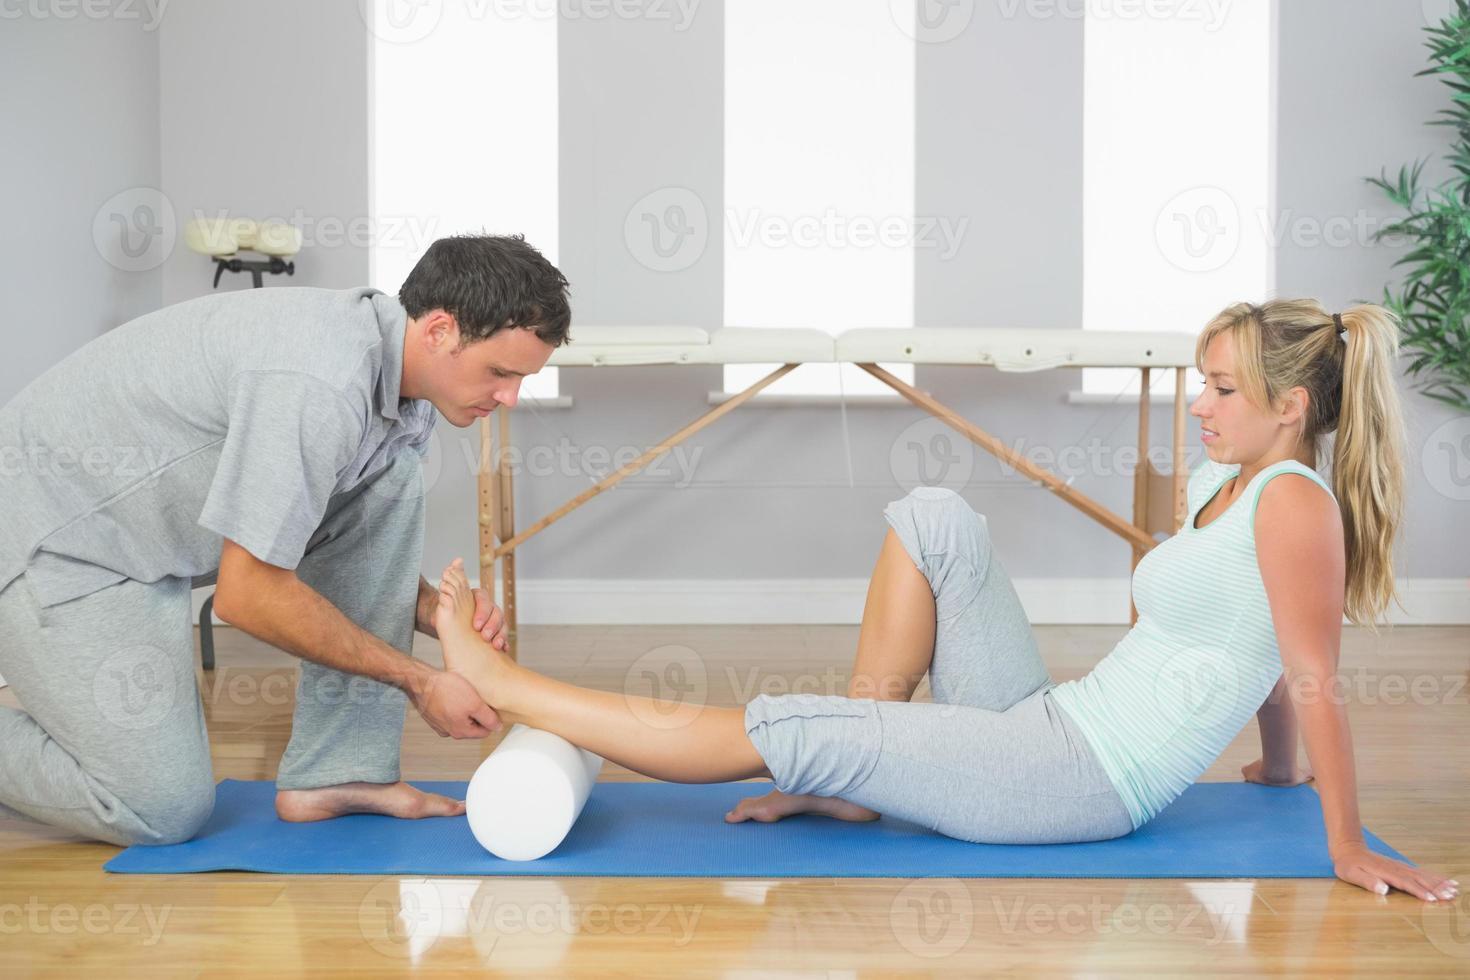 physiothérapeute examinant le pied du patient assis sur le sol photo